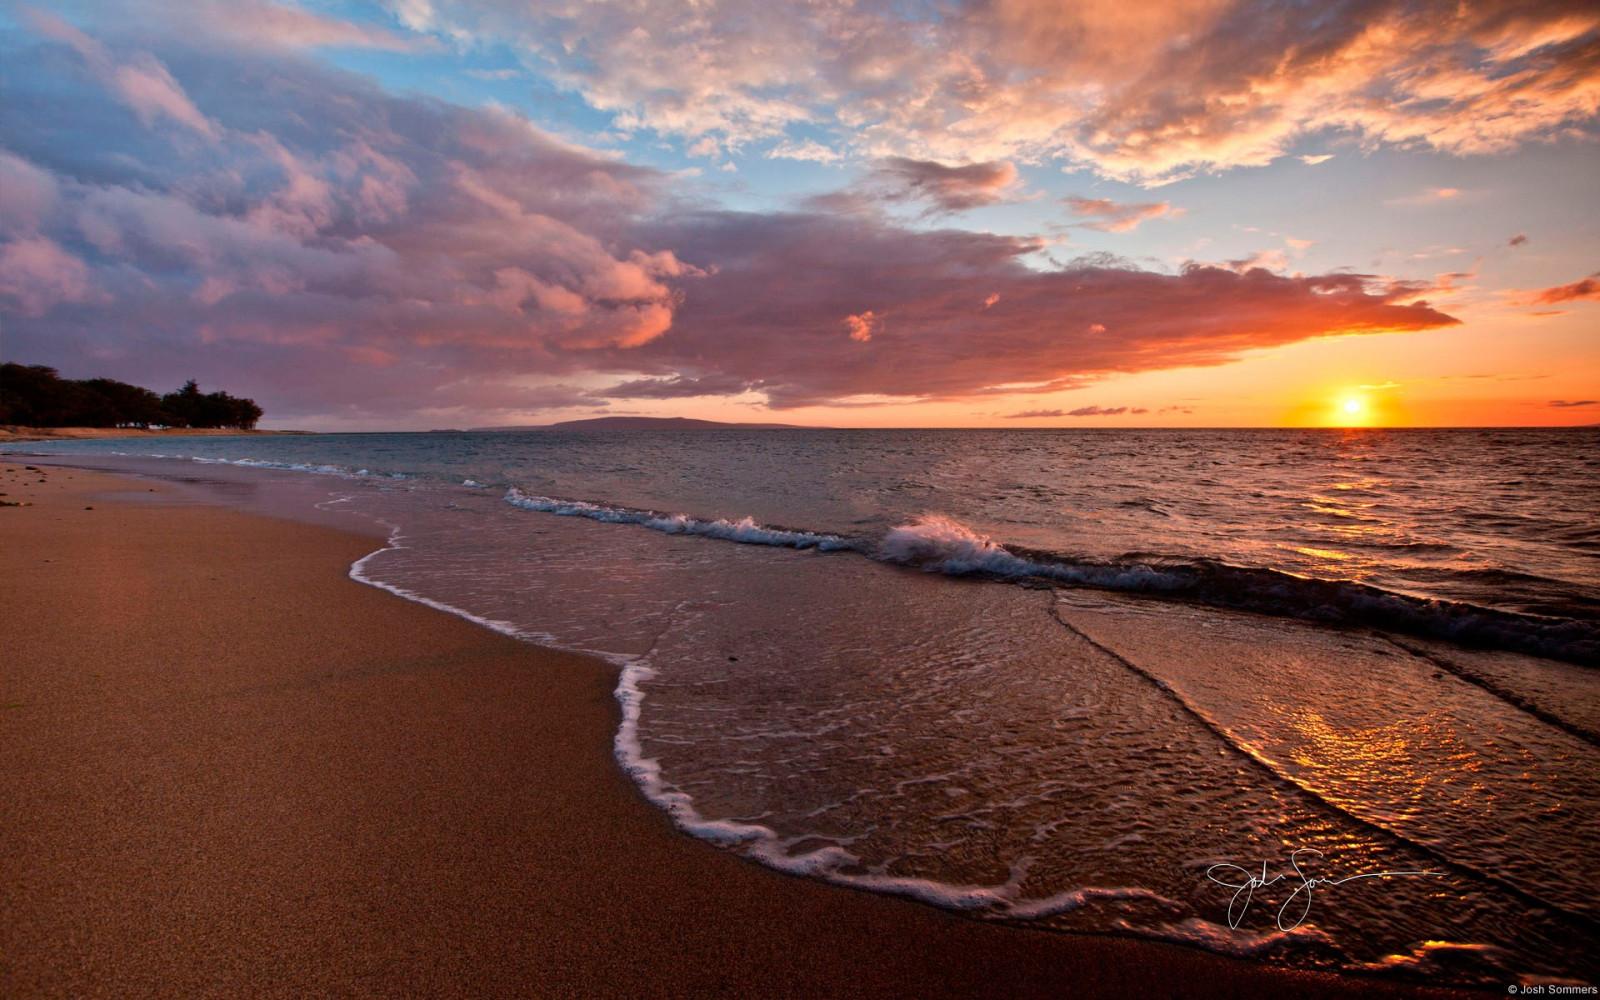 日光, 日没, 海, 湾, 自然, 海岸, 砂, 反射, 空, ビーチ, 日の出, イブニング, 朝, 海岸, 太陽, 地平線, ケープ, 夕暮れ, 雲, 夜明け, 海洋, 波, 残光, 水域, 風の波